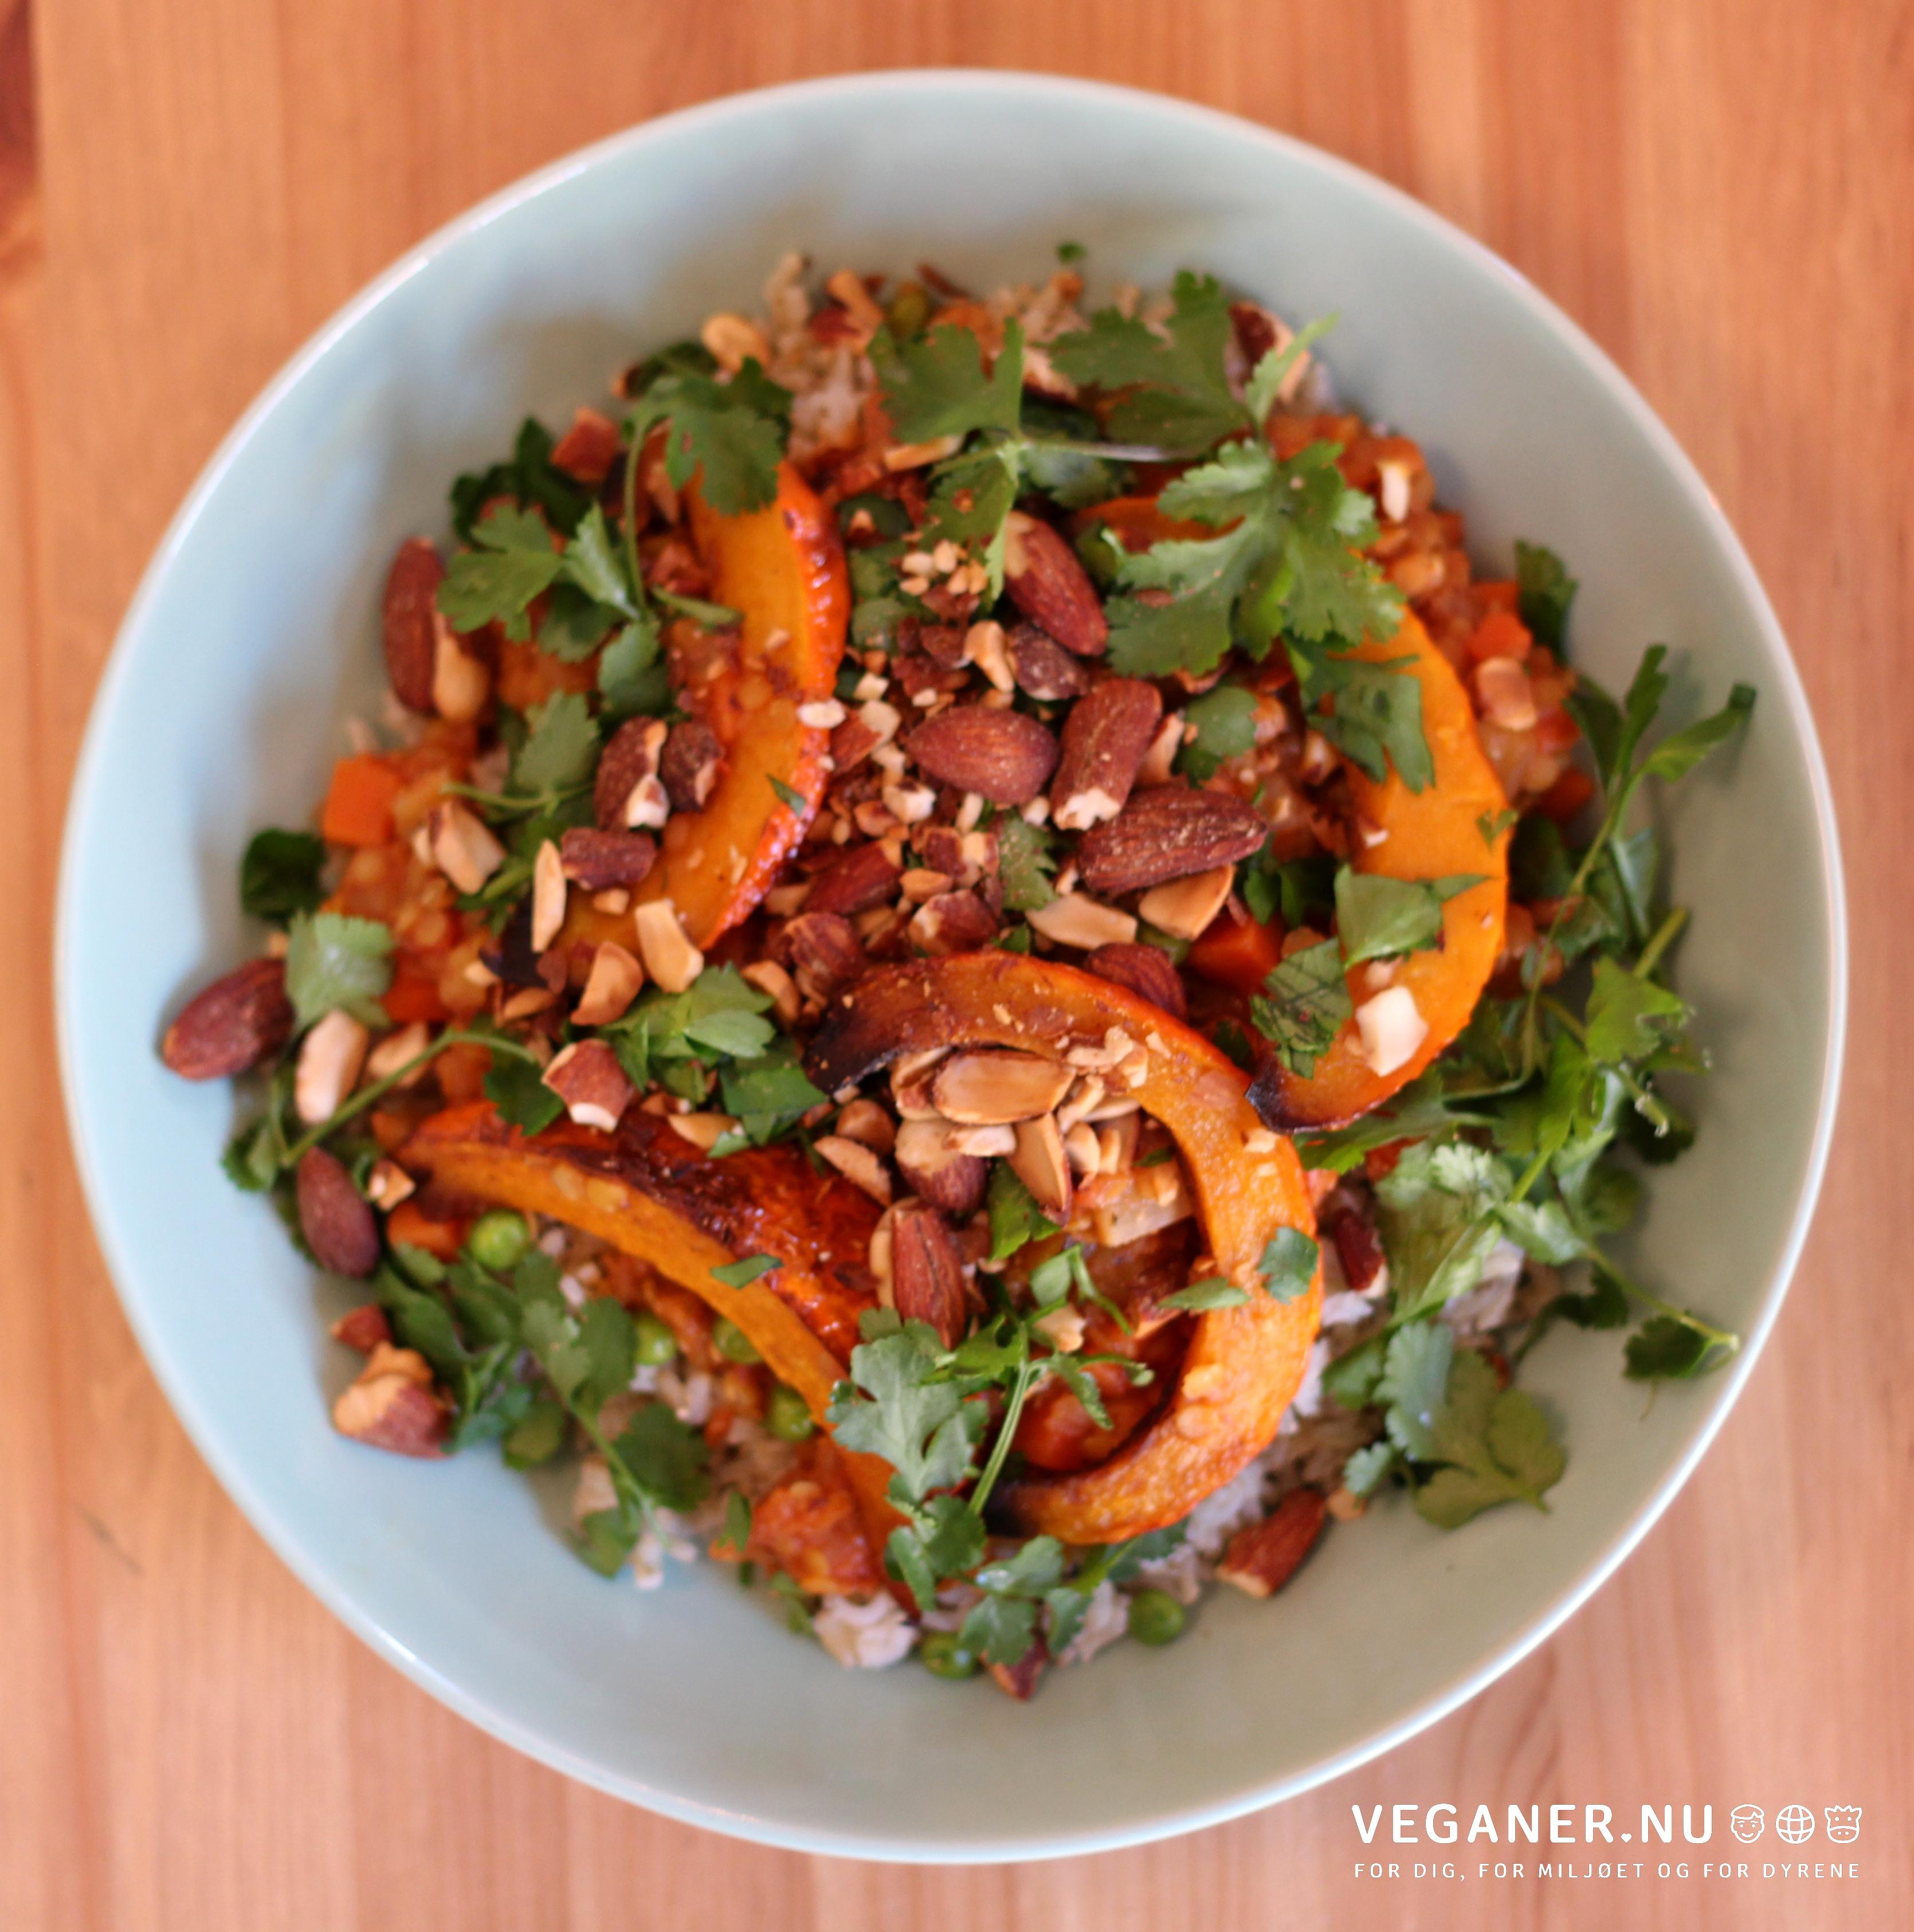 Veganer.nu-loop-food